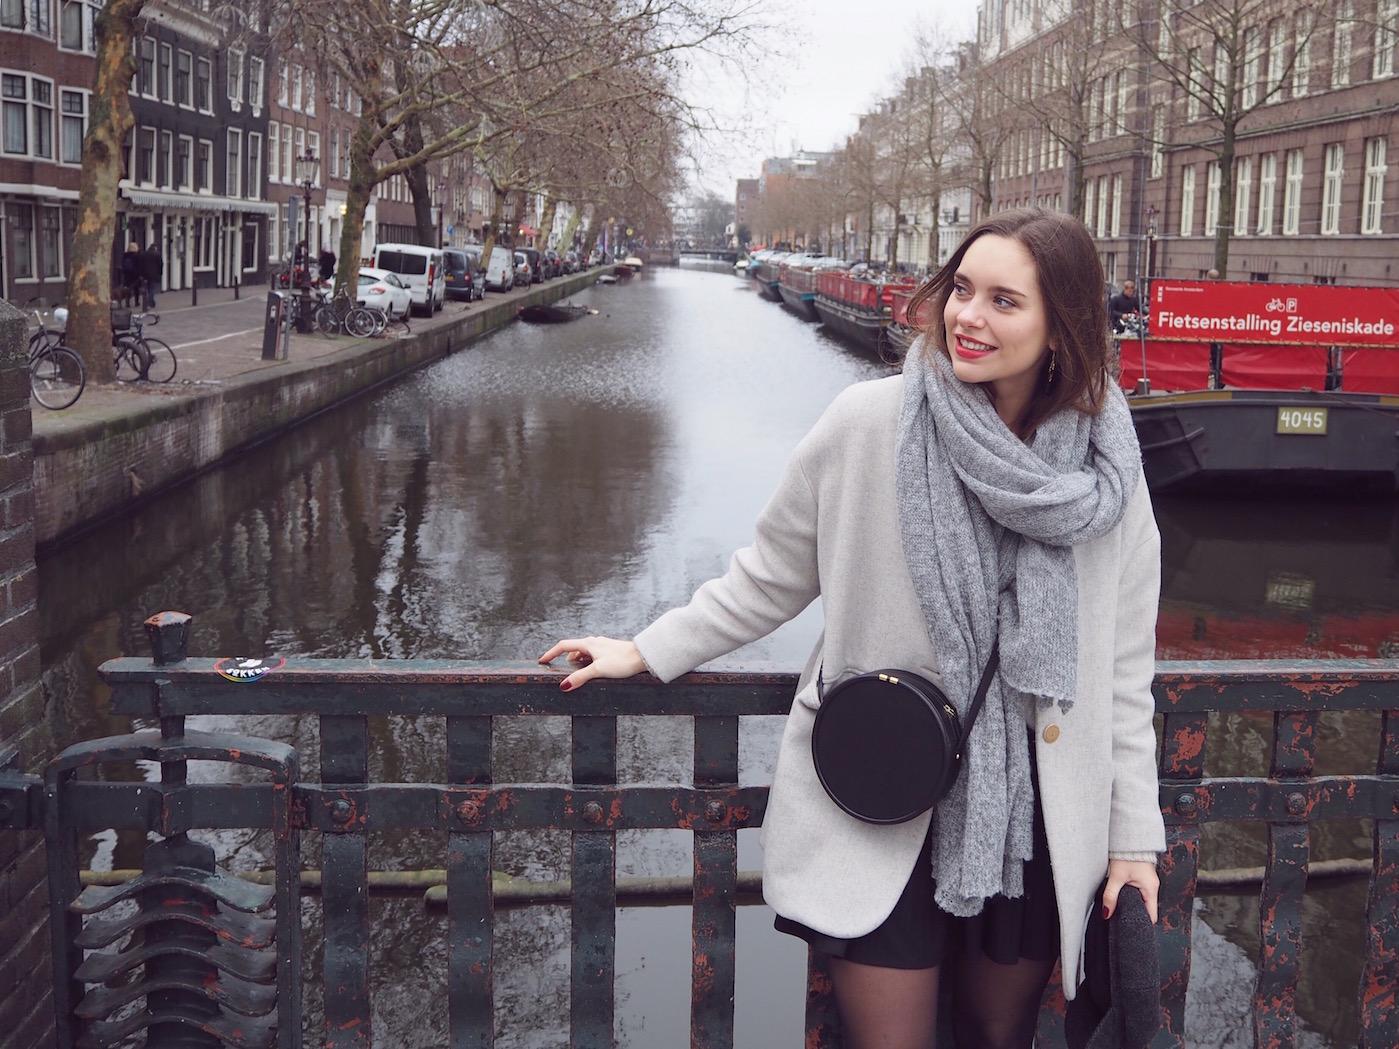 fashionblog amsterdam